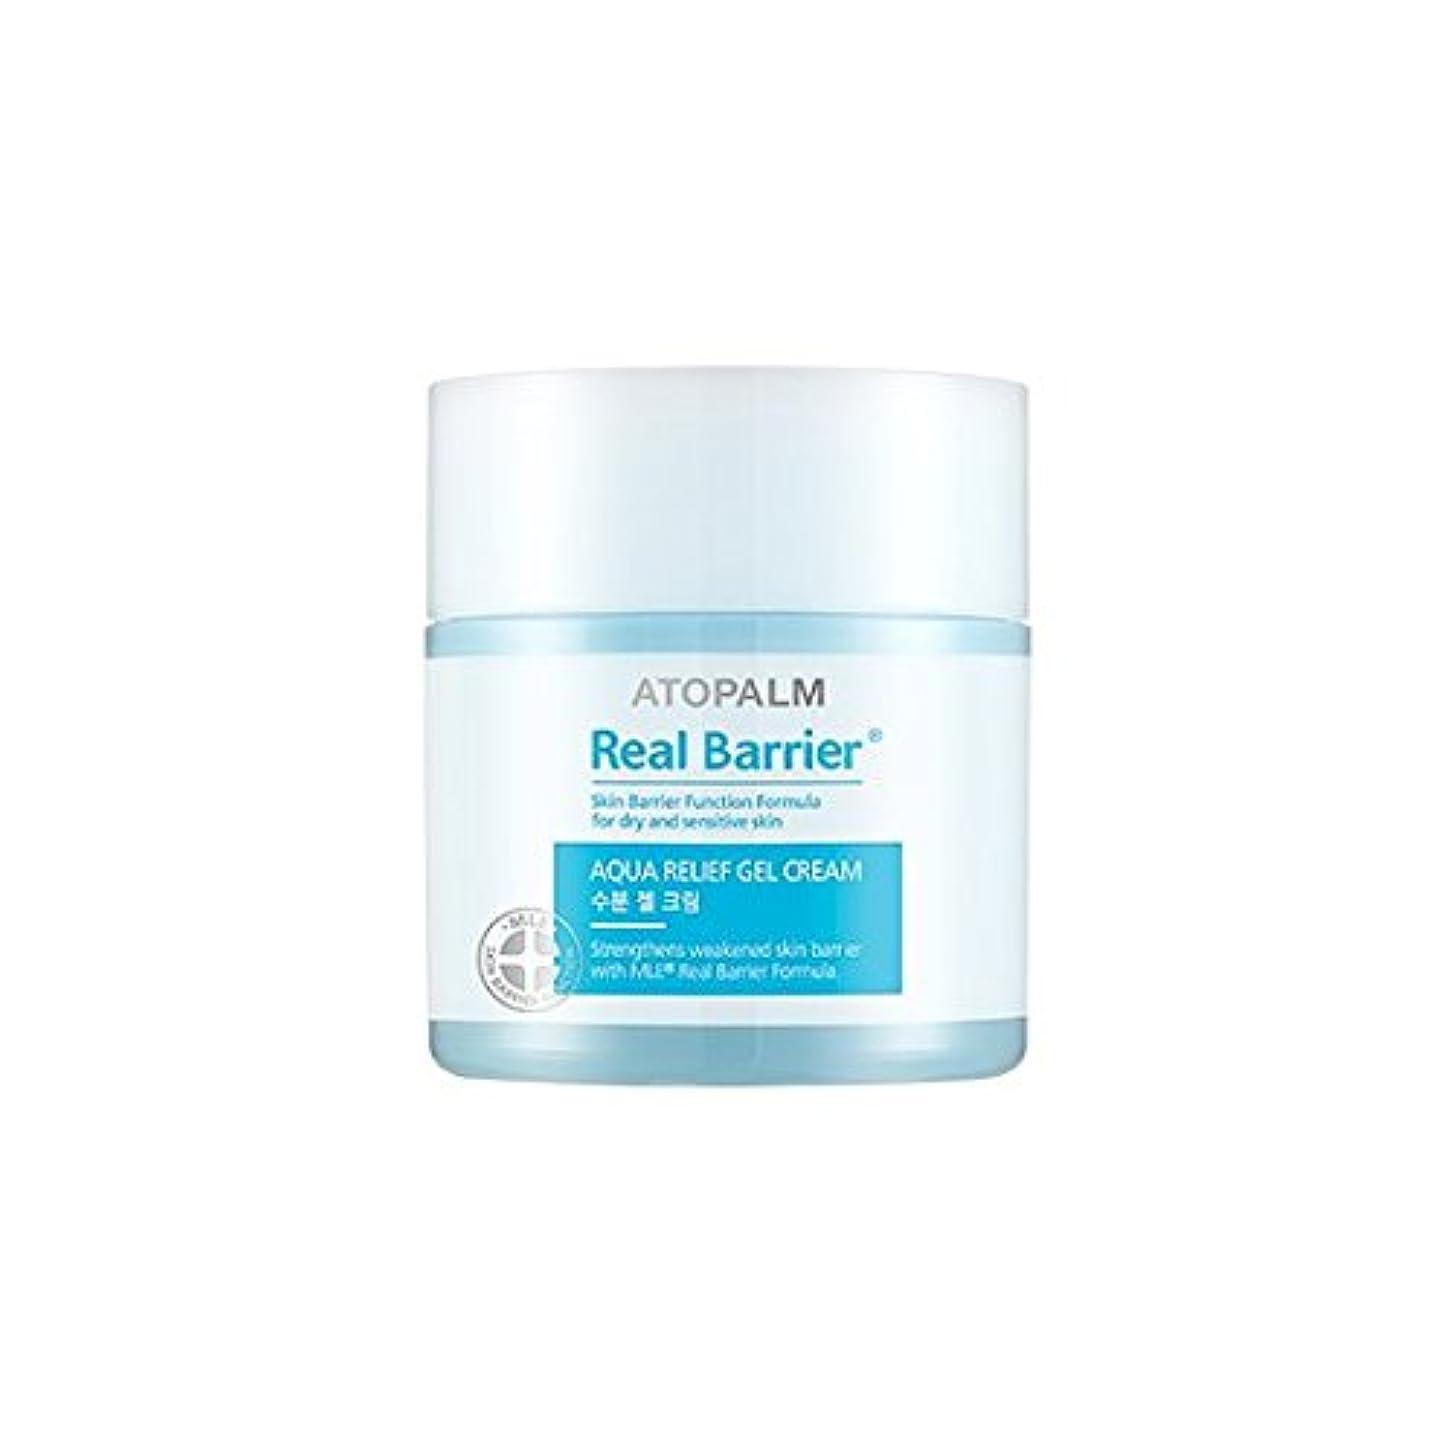 宿泊施設現金飲料ATOPALM Real Barrier Aqua Relief Gel Cream 50ml/アトパーム リアル バリア アクア リリーフ ジェル クリーム 50ml [並行輸入品]